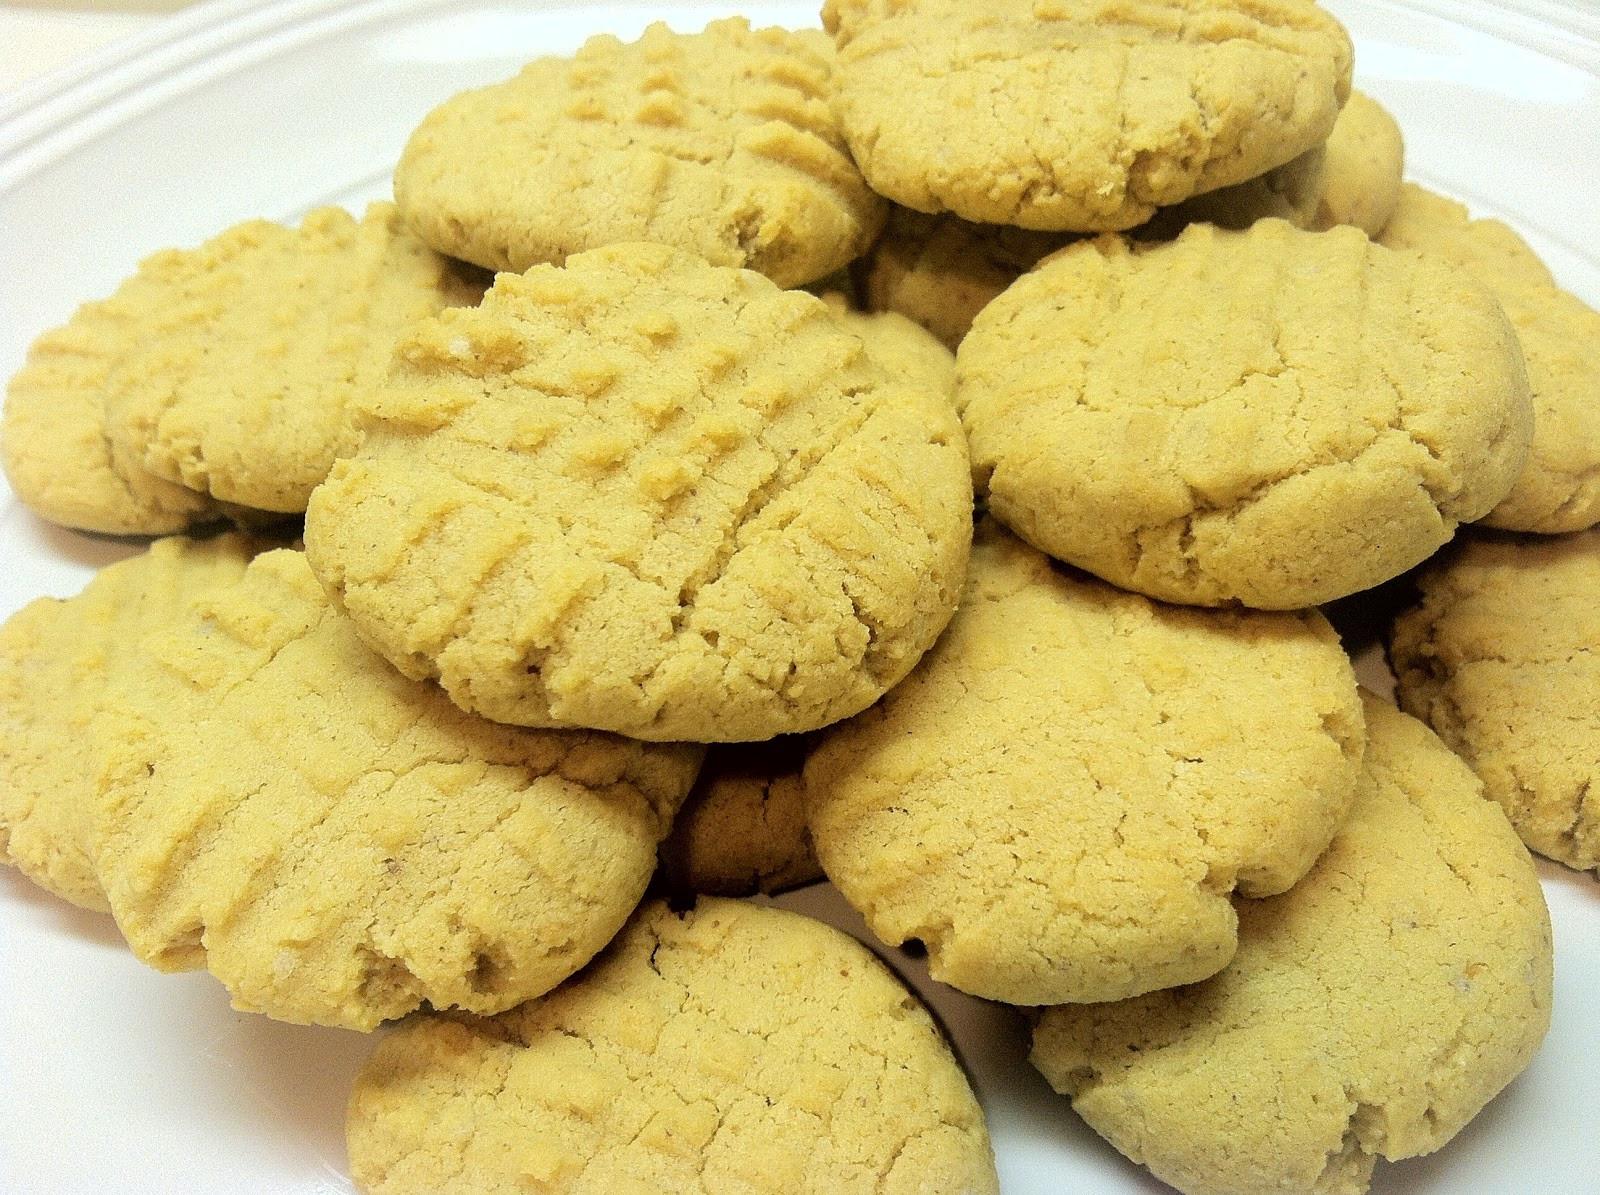 Low Carb Peanut Butter Cookies Coconut Flour  Low Carb Layla Peanut Butter Coconut Flour Cookies